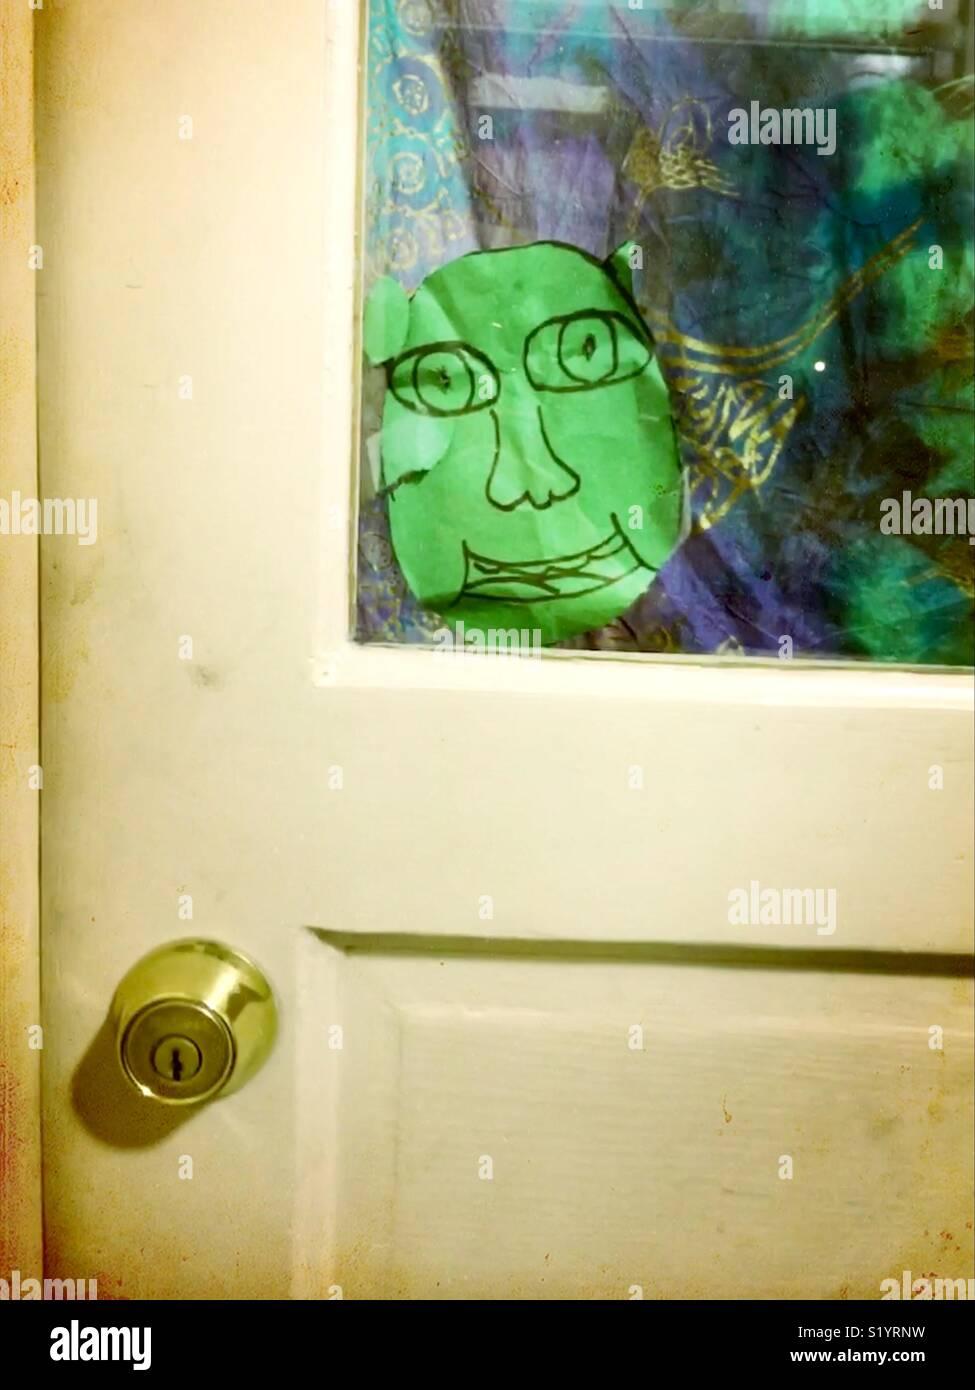 Dessin Denfant De Shrek Dans Une Fenêtre Mudroom Banque Dimages